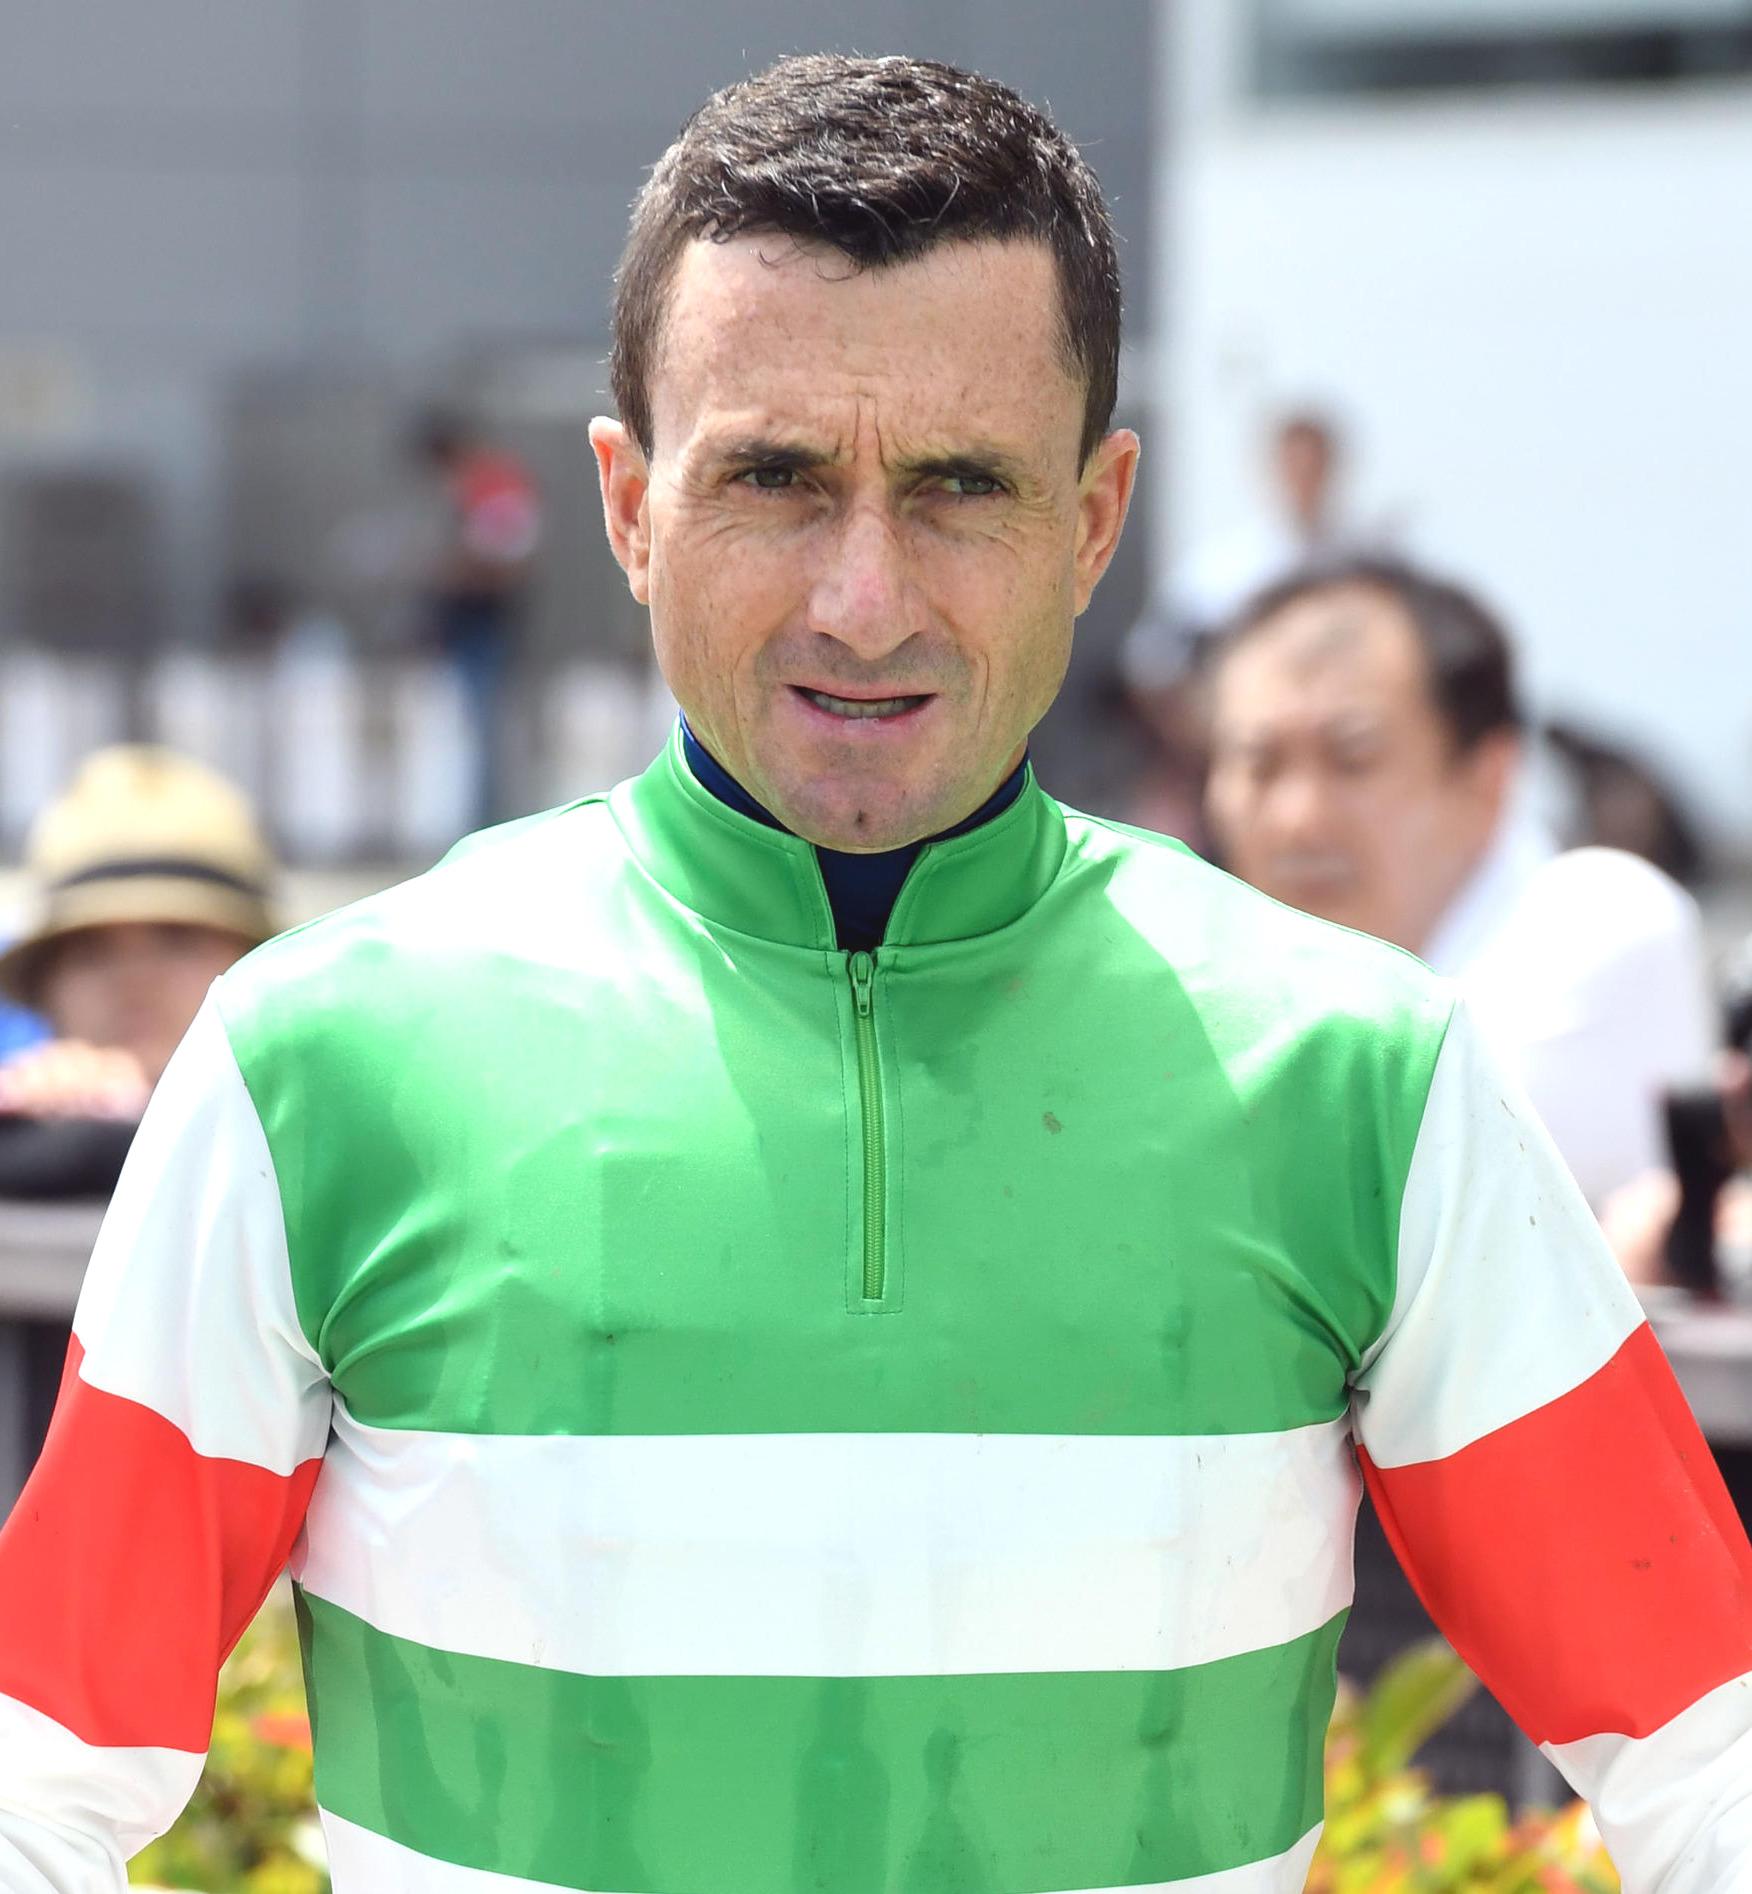 香港競馬通算1813勝、ホワイト騎手がラスト騎乗|極ウマ・プレミアム